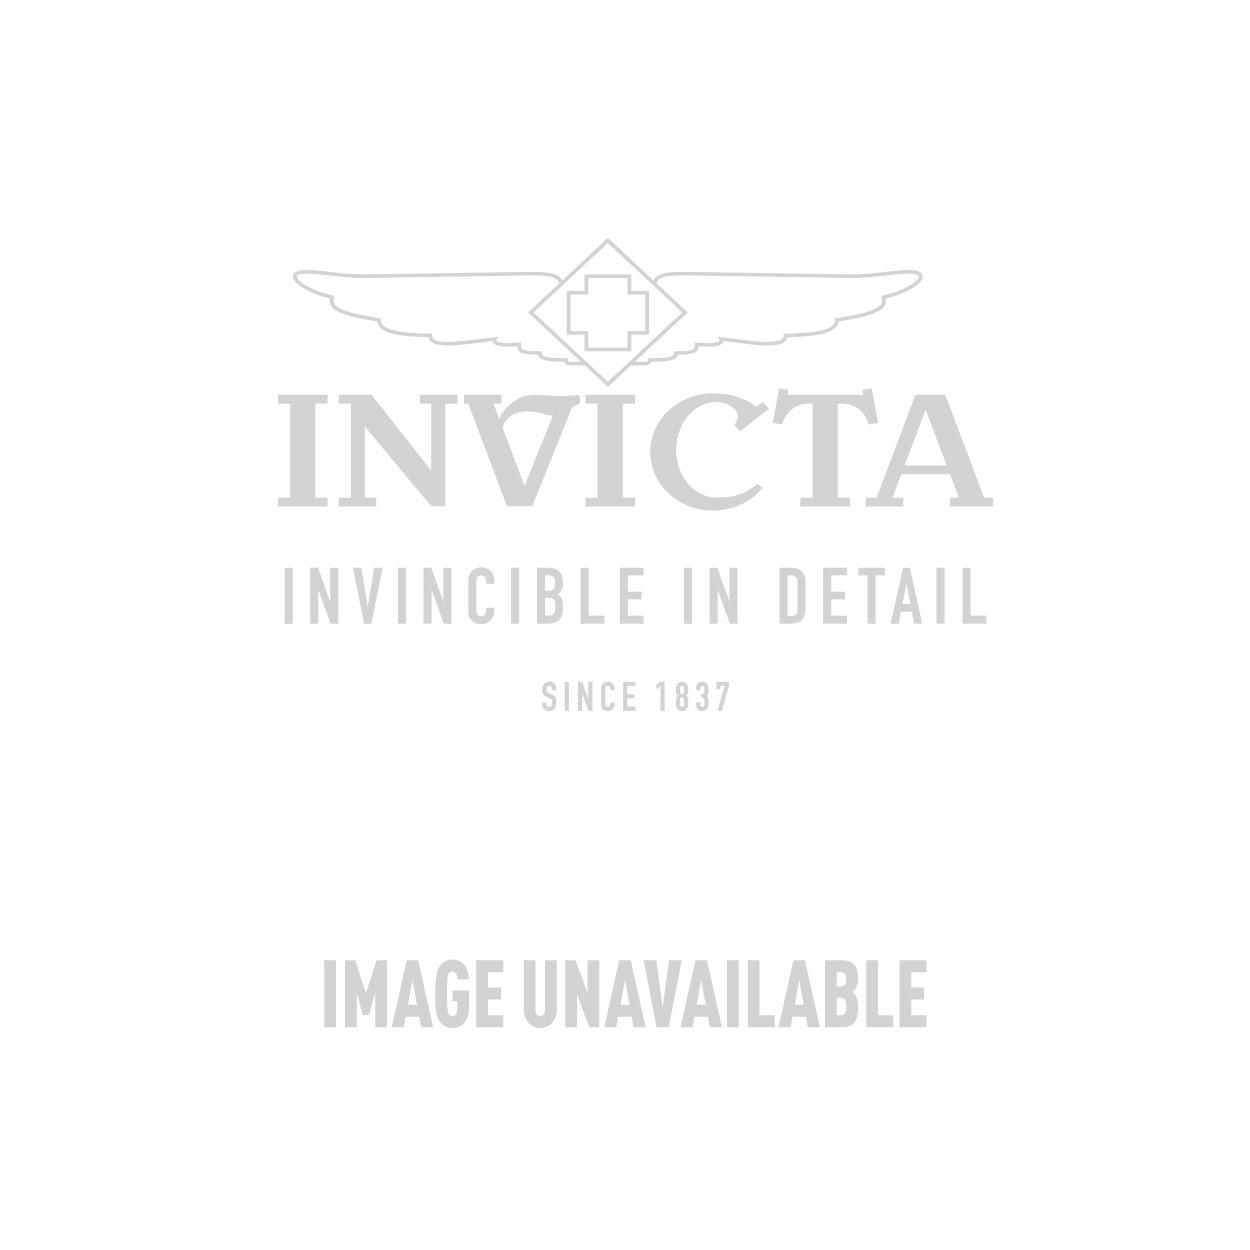 Invicta Model 24516